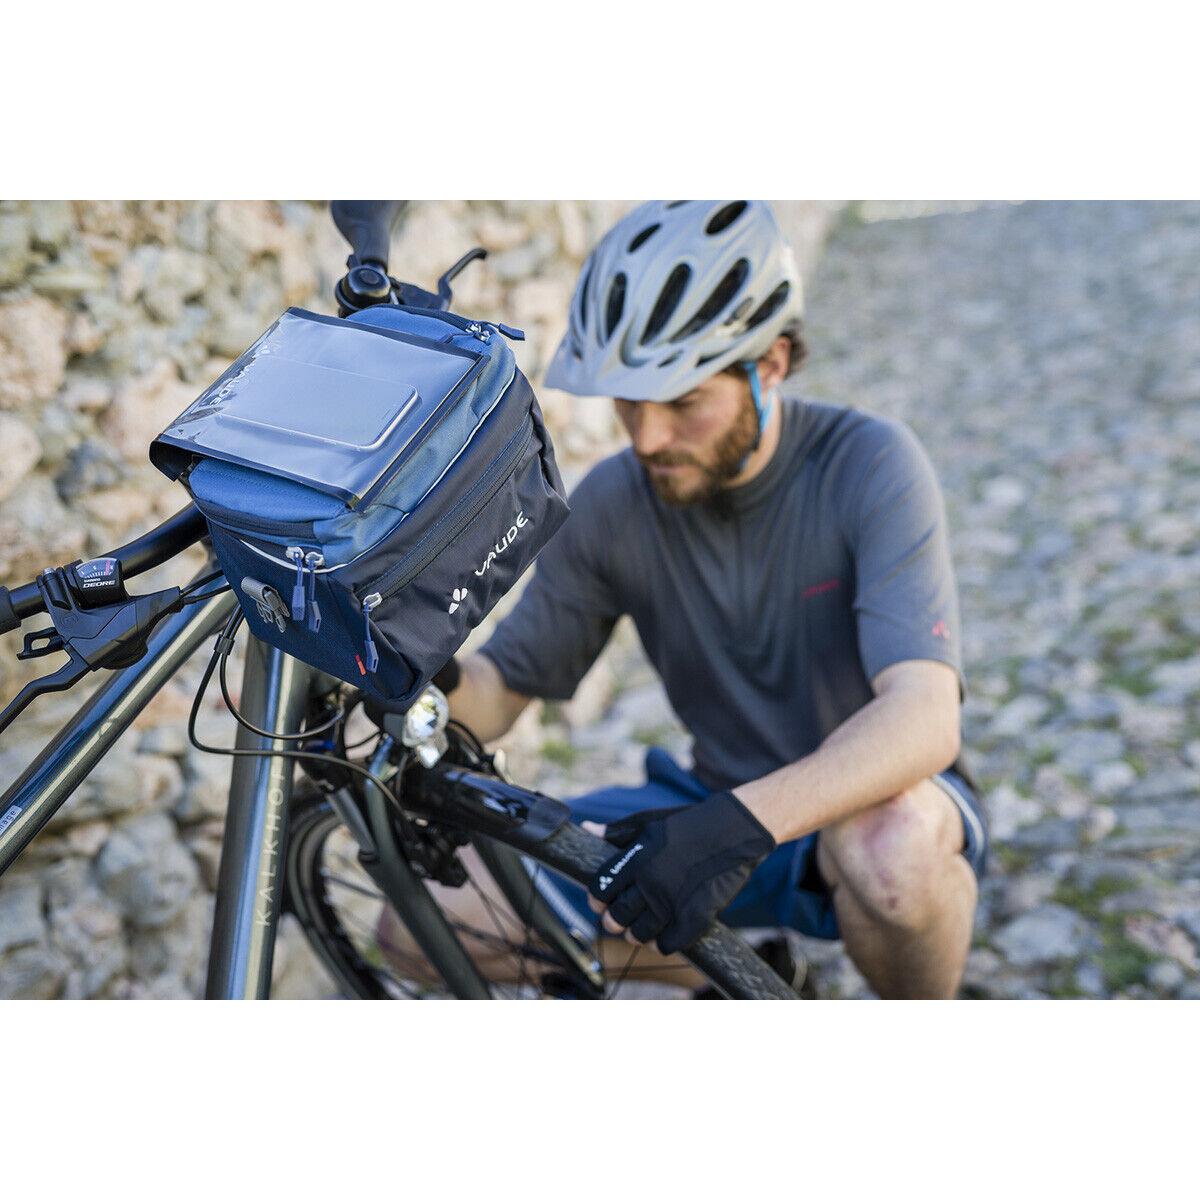 Vaude Road Ii Bolsa de Manillar Bicicleta